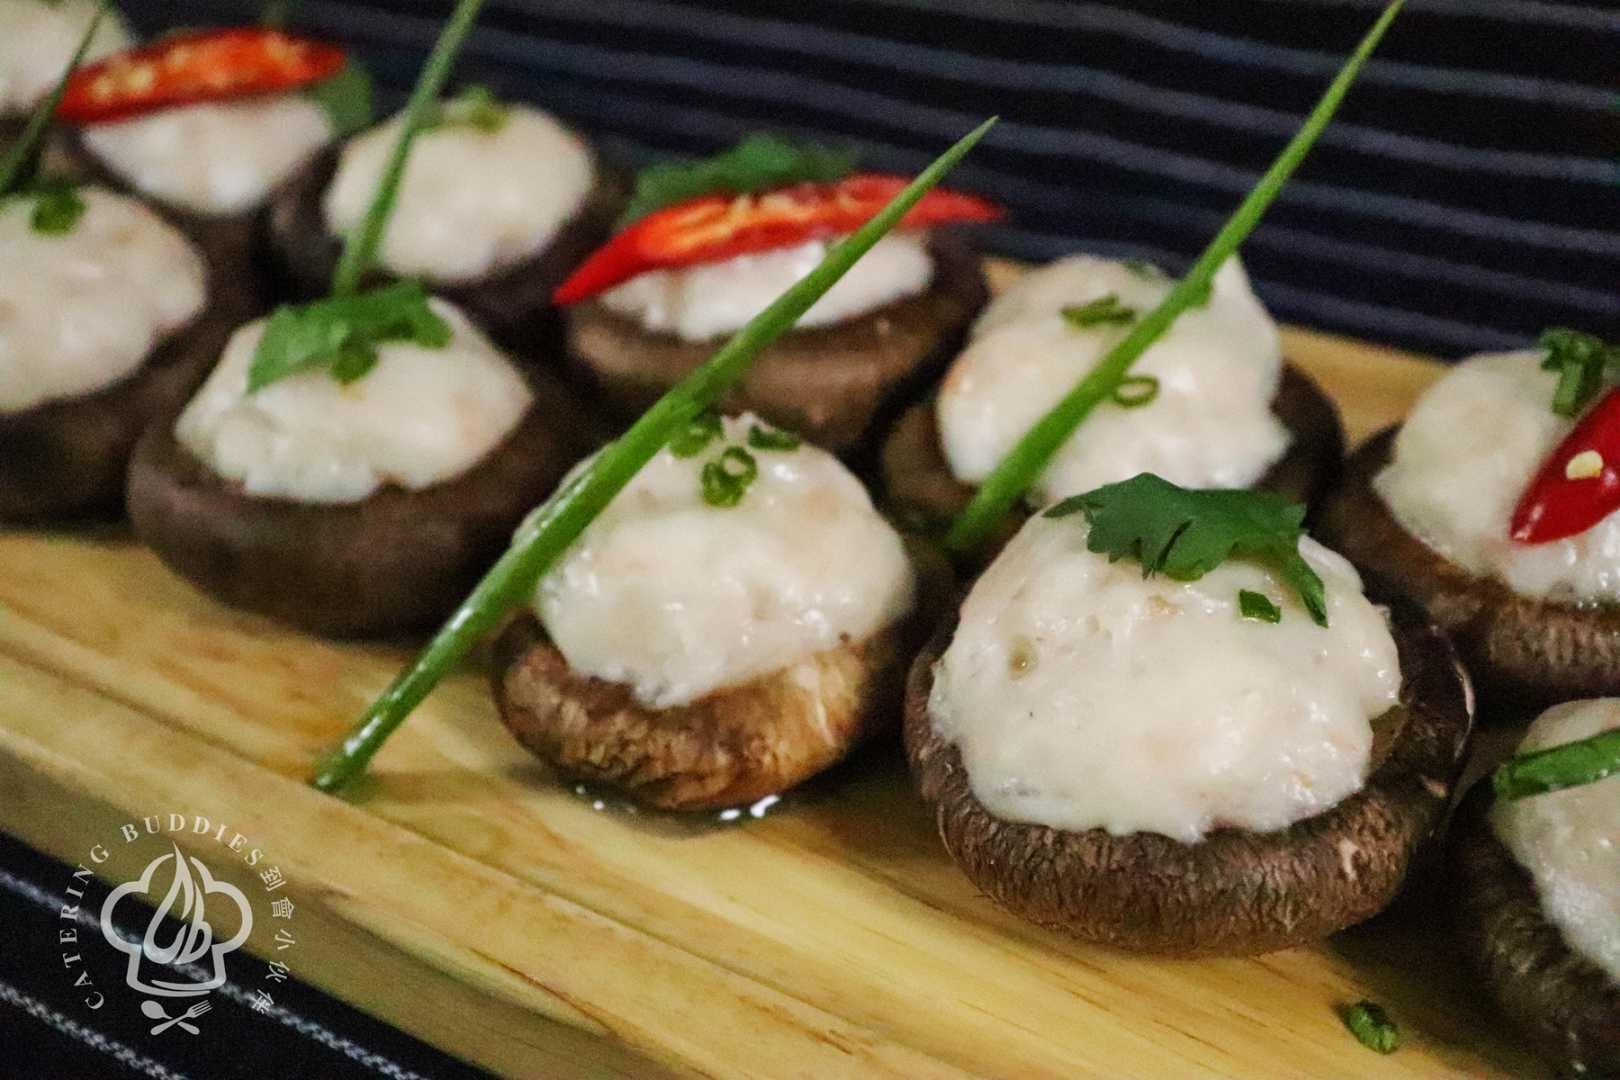 手打蝦膠釀鮮冬菇配鮮蟹肉蛋白汁 (15件)